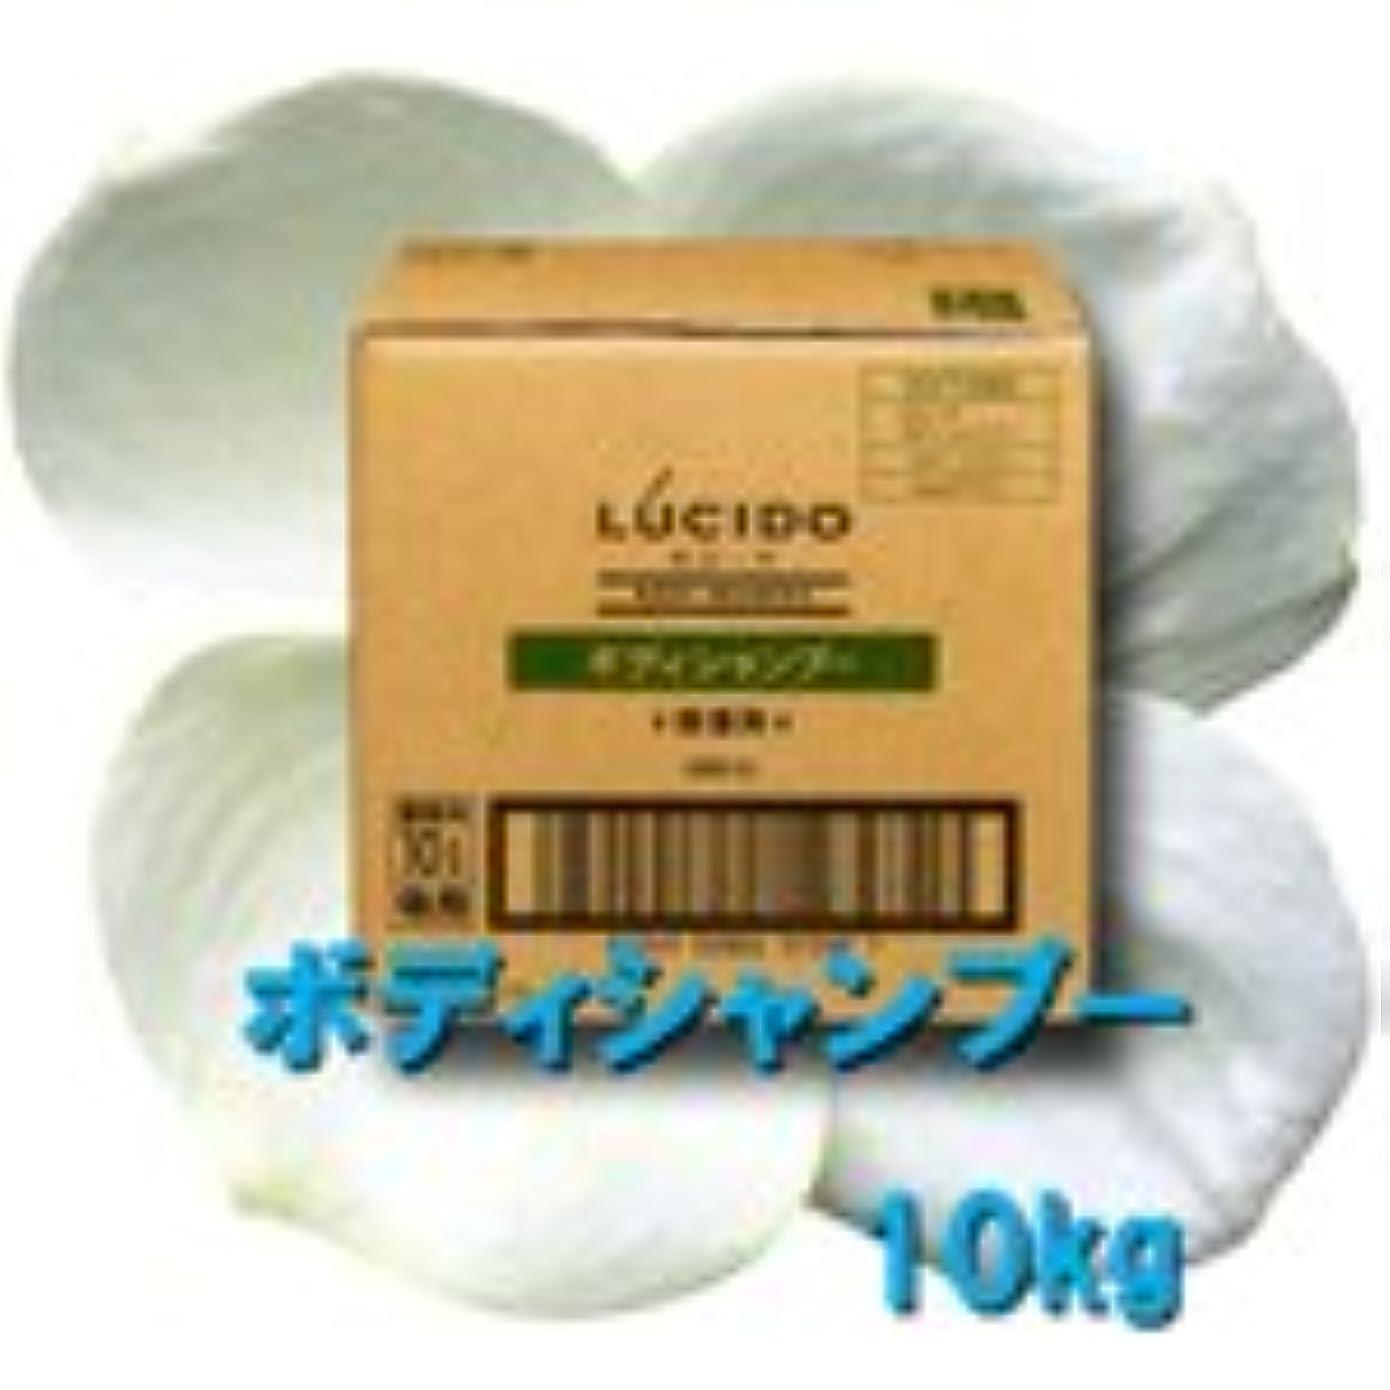 ランタンアレルギー盲目マンダム ルシード ボディシャンプー 10L 【中央有機化学】